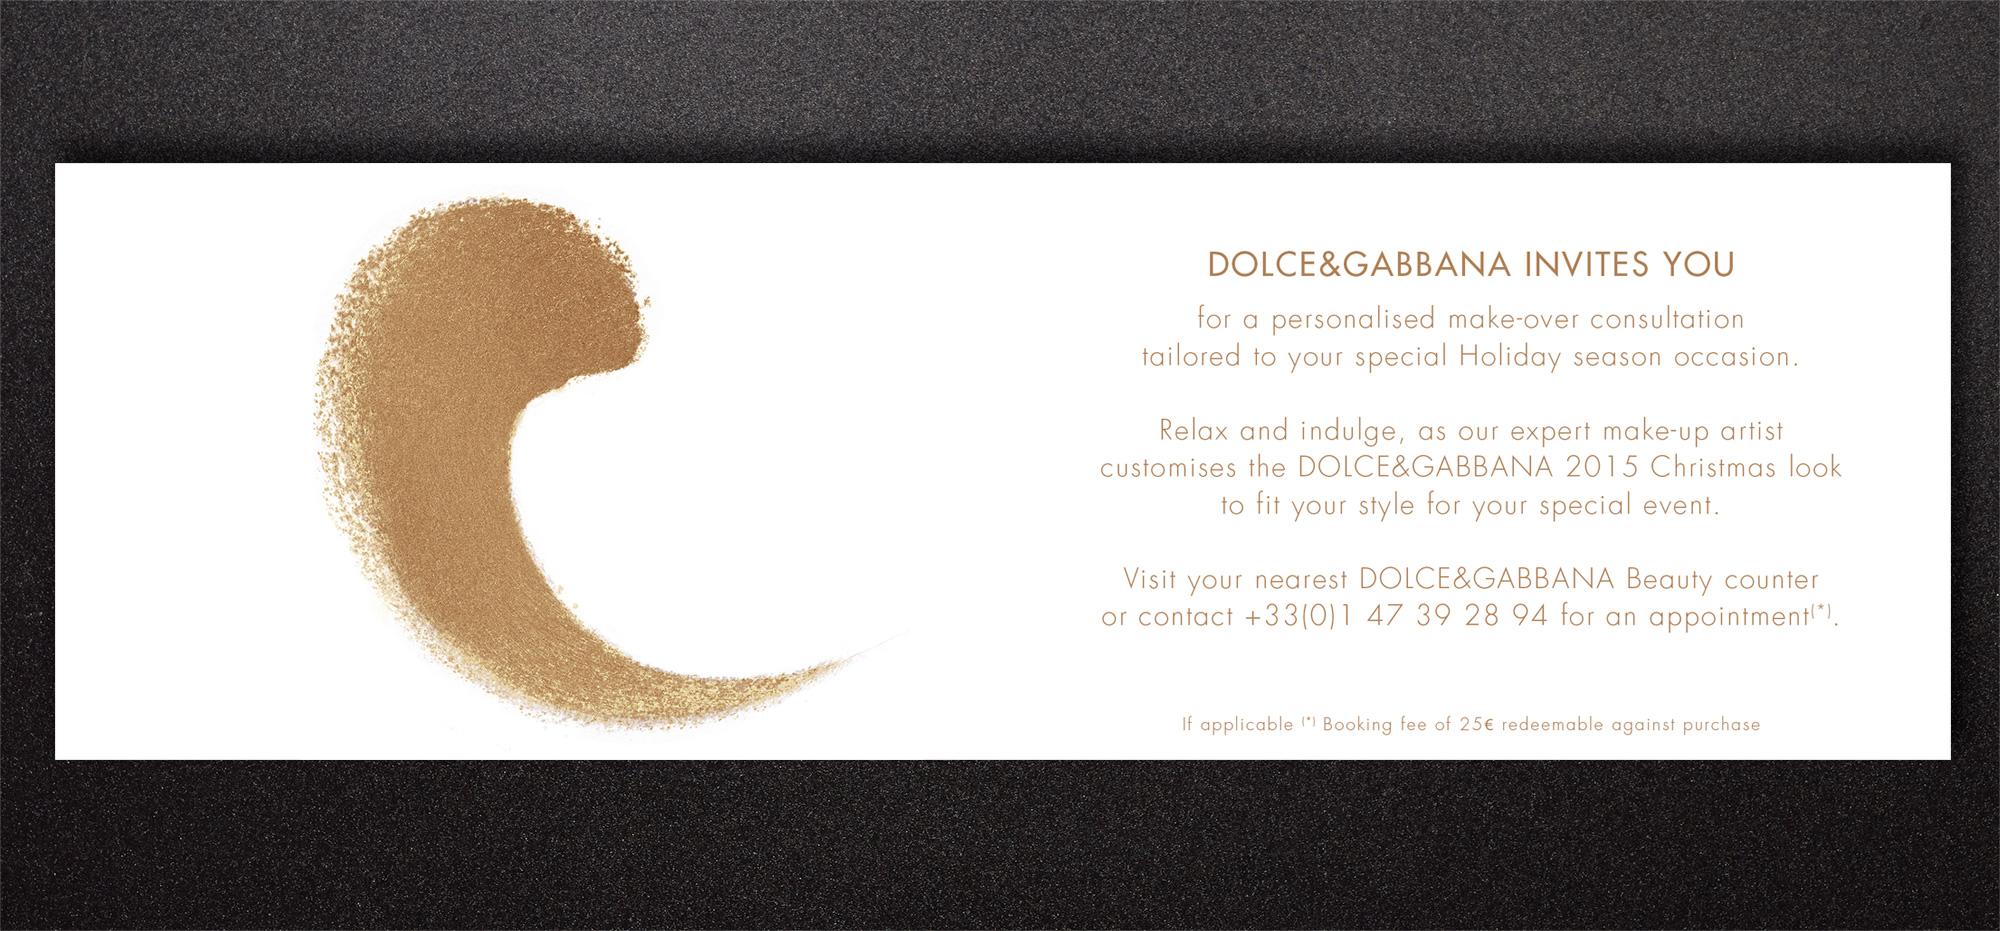 dolce&gabbana-invitation-02B